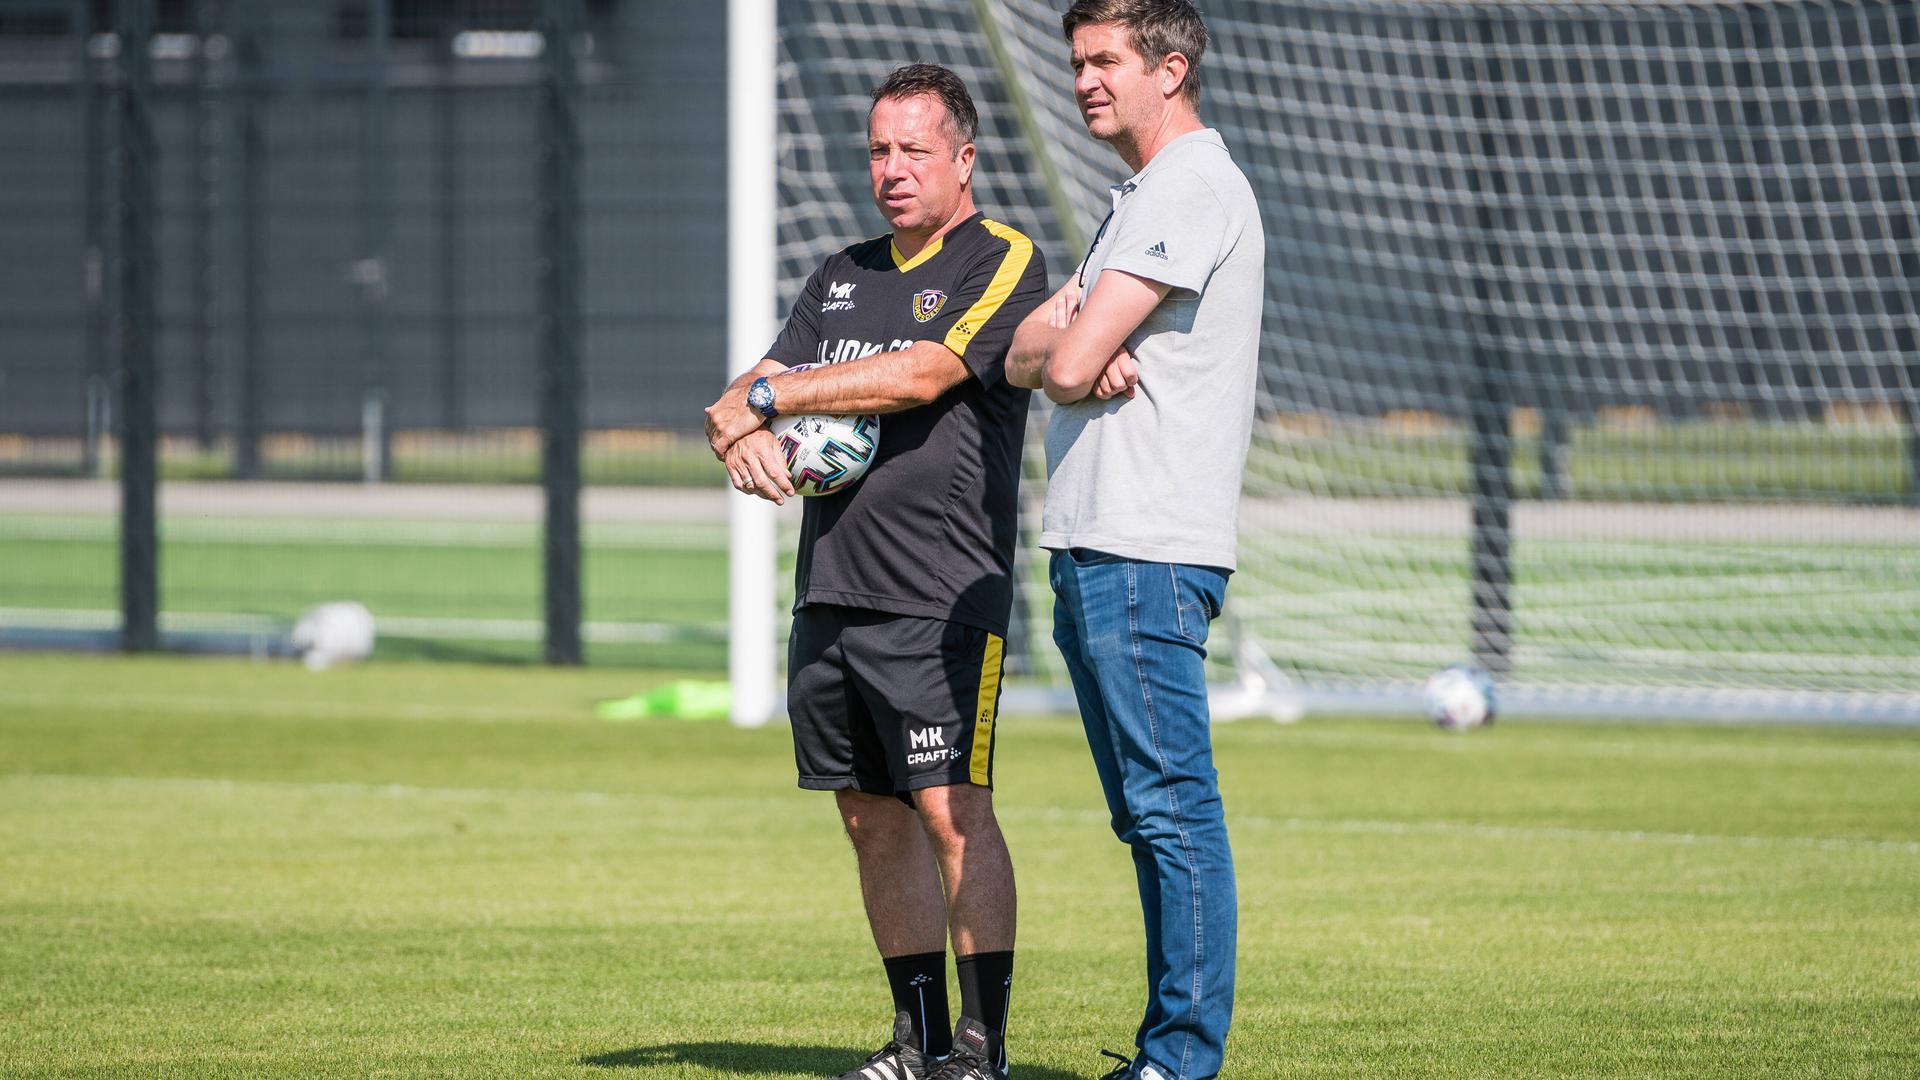 Dresdens Cheftrainer Markus Kauczinski (links) zusammen mit Sportdirektor Ralf Becker bei der Sommervorbereitung. Beide Ex-KSCler leisten in Dresden Aufbauarbeit.